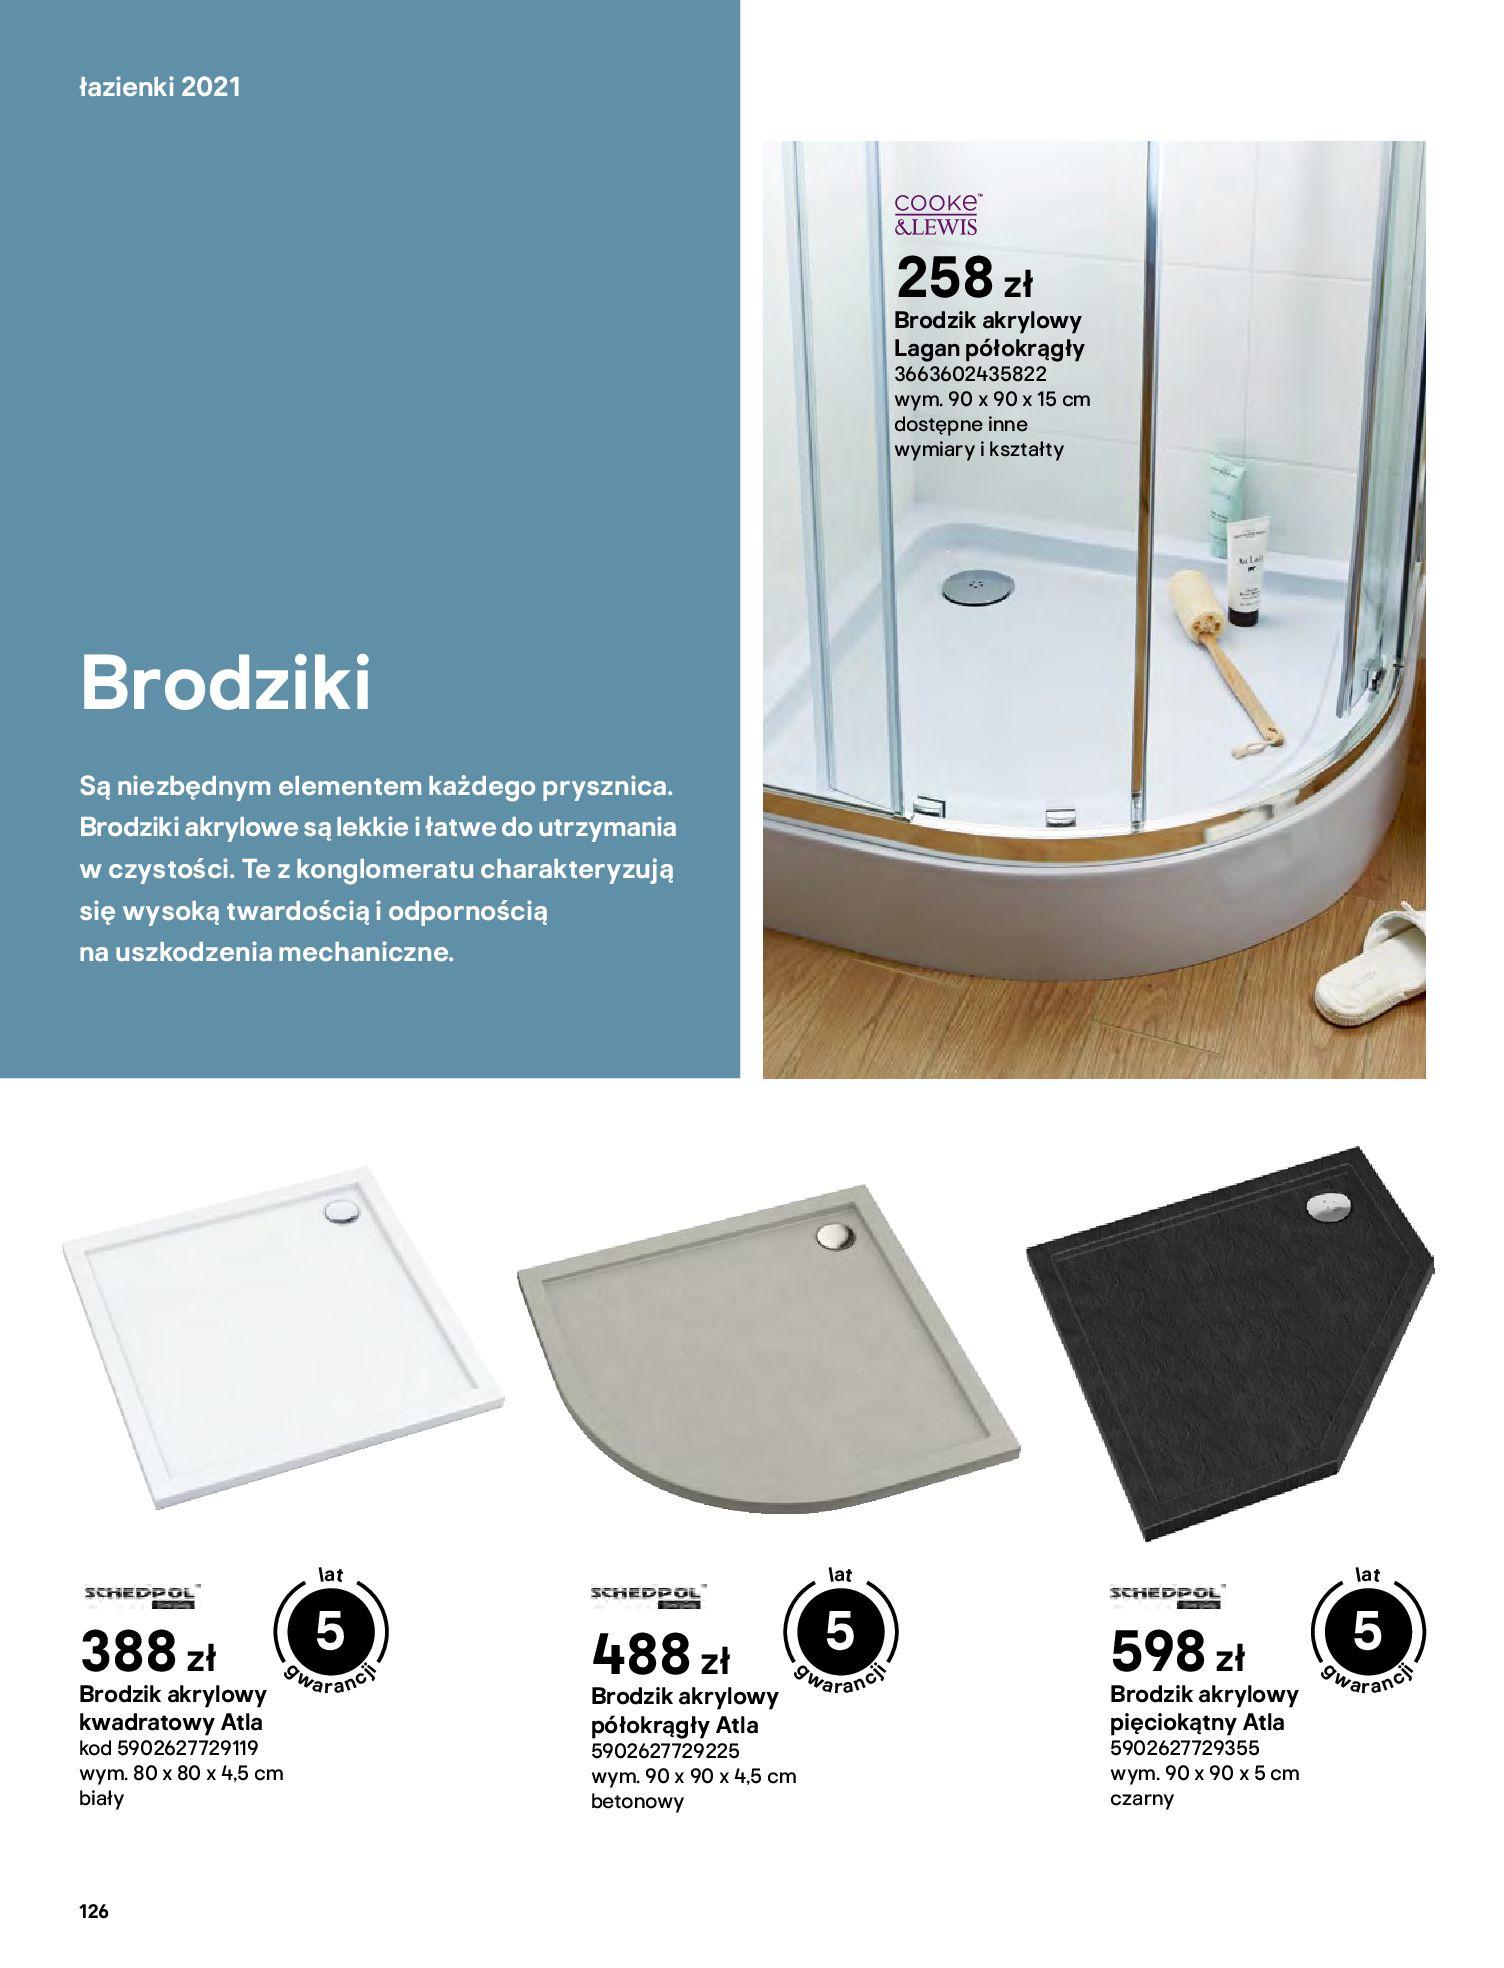 Gazetka Castorama: Gazetka Castorama - katalog łazienki 2021 2021-06-16 page-126